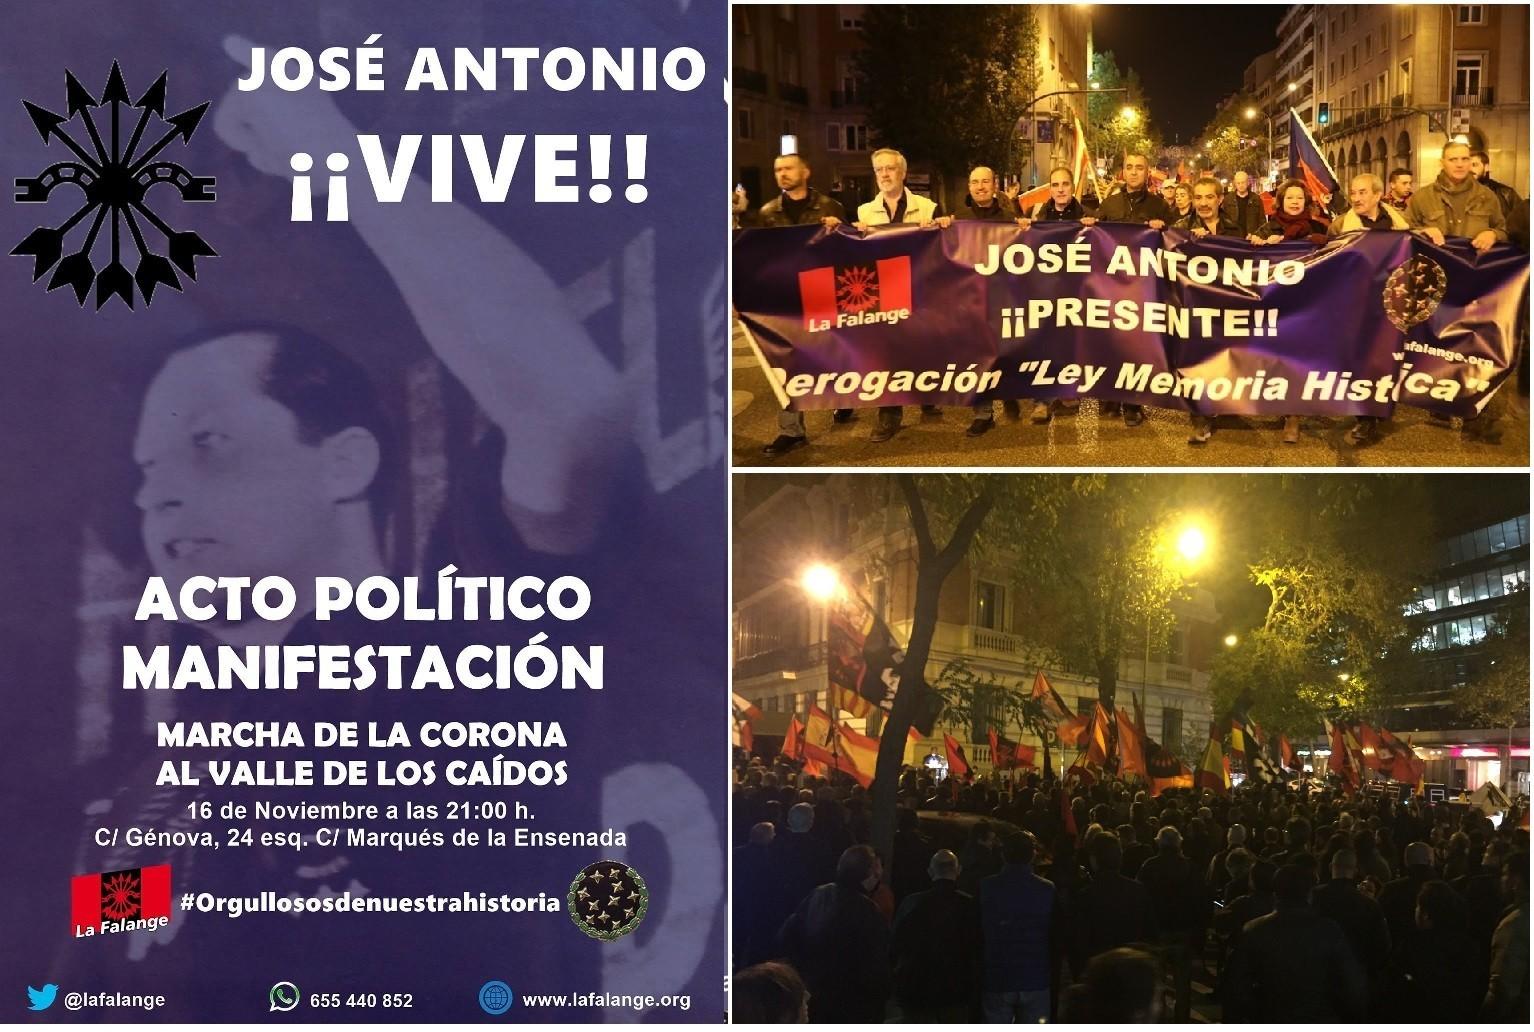 16-Nov: Acto político y manifestación en Madrid: JOSÉ ANTONIO ¡VIVE!